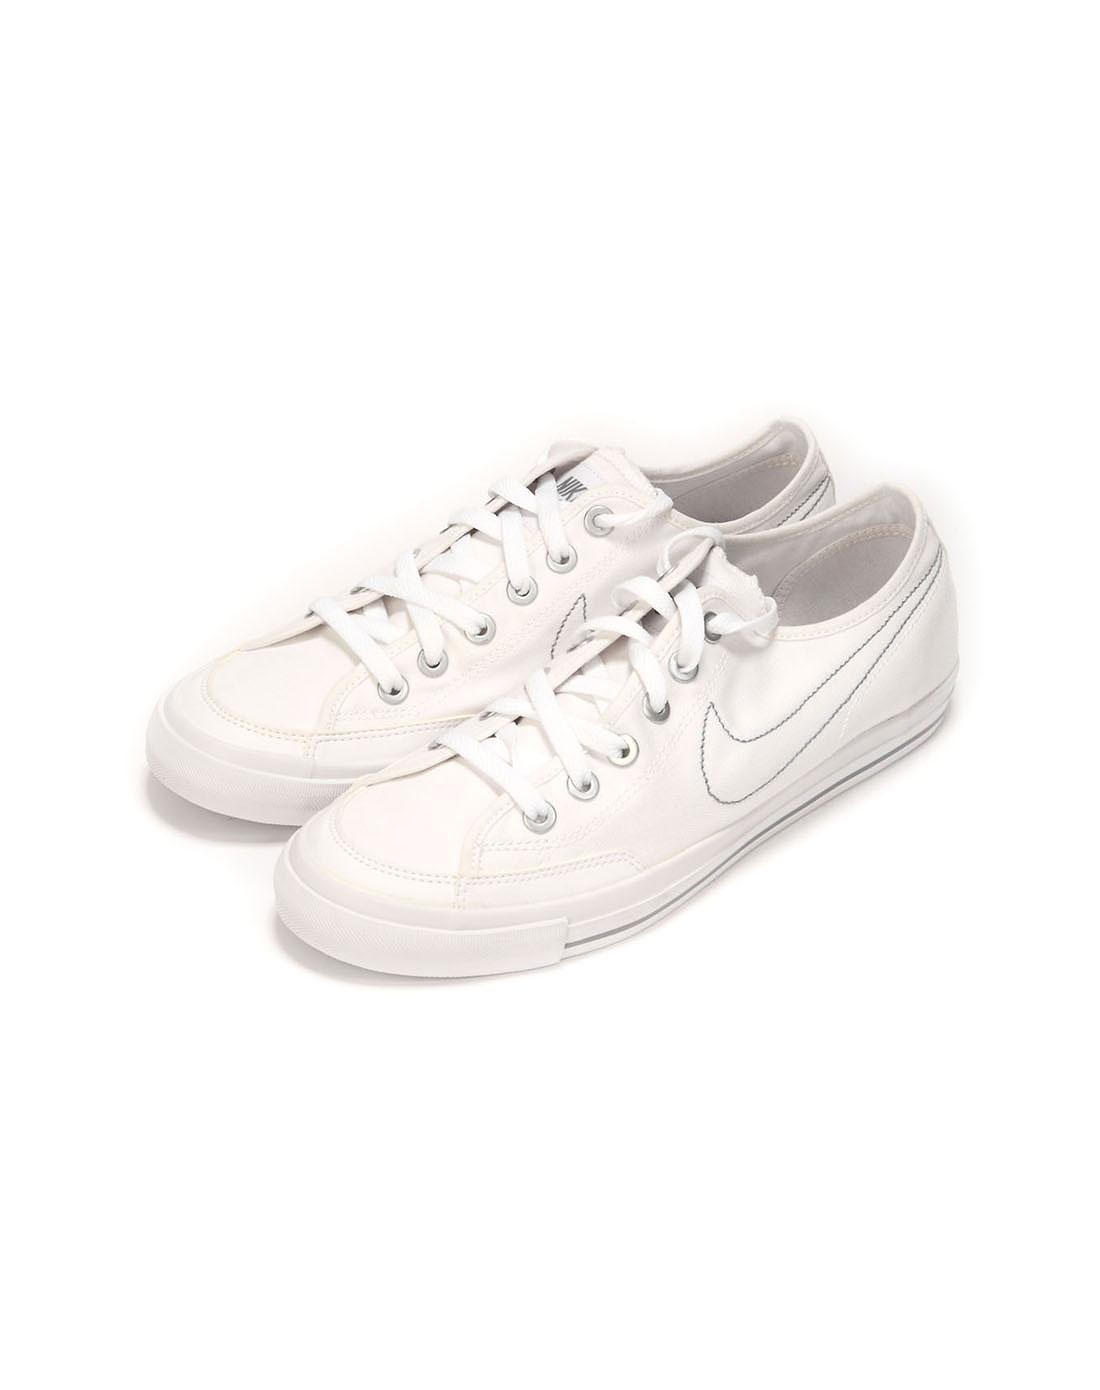 耐克nike男子白色复古鞋437530-100